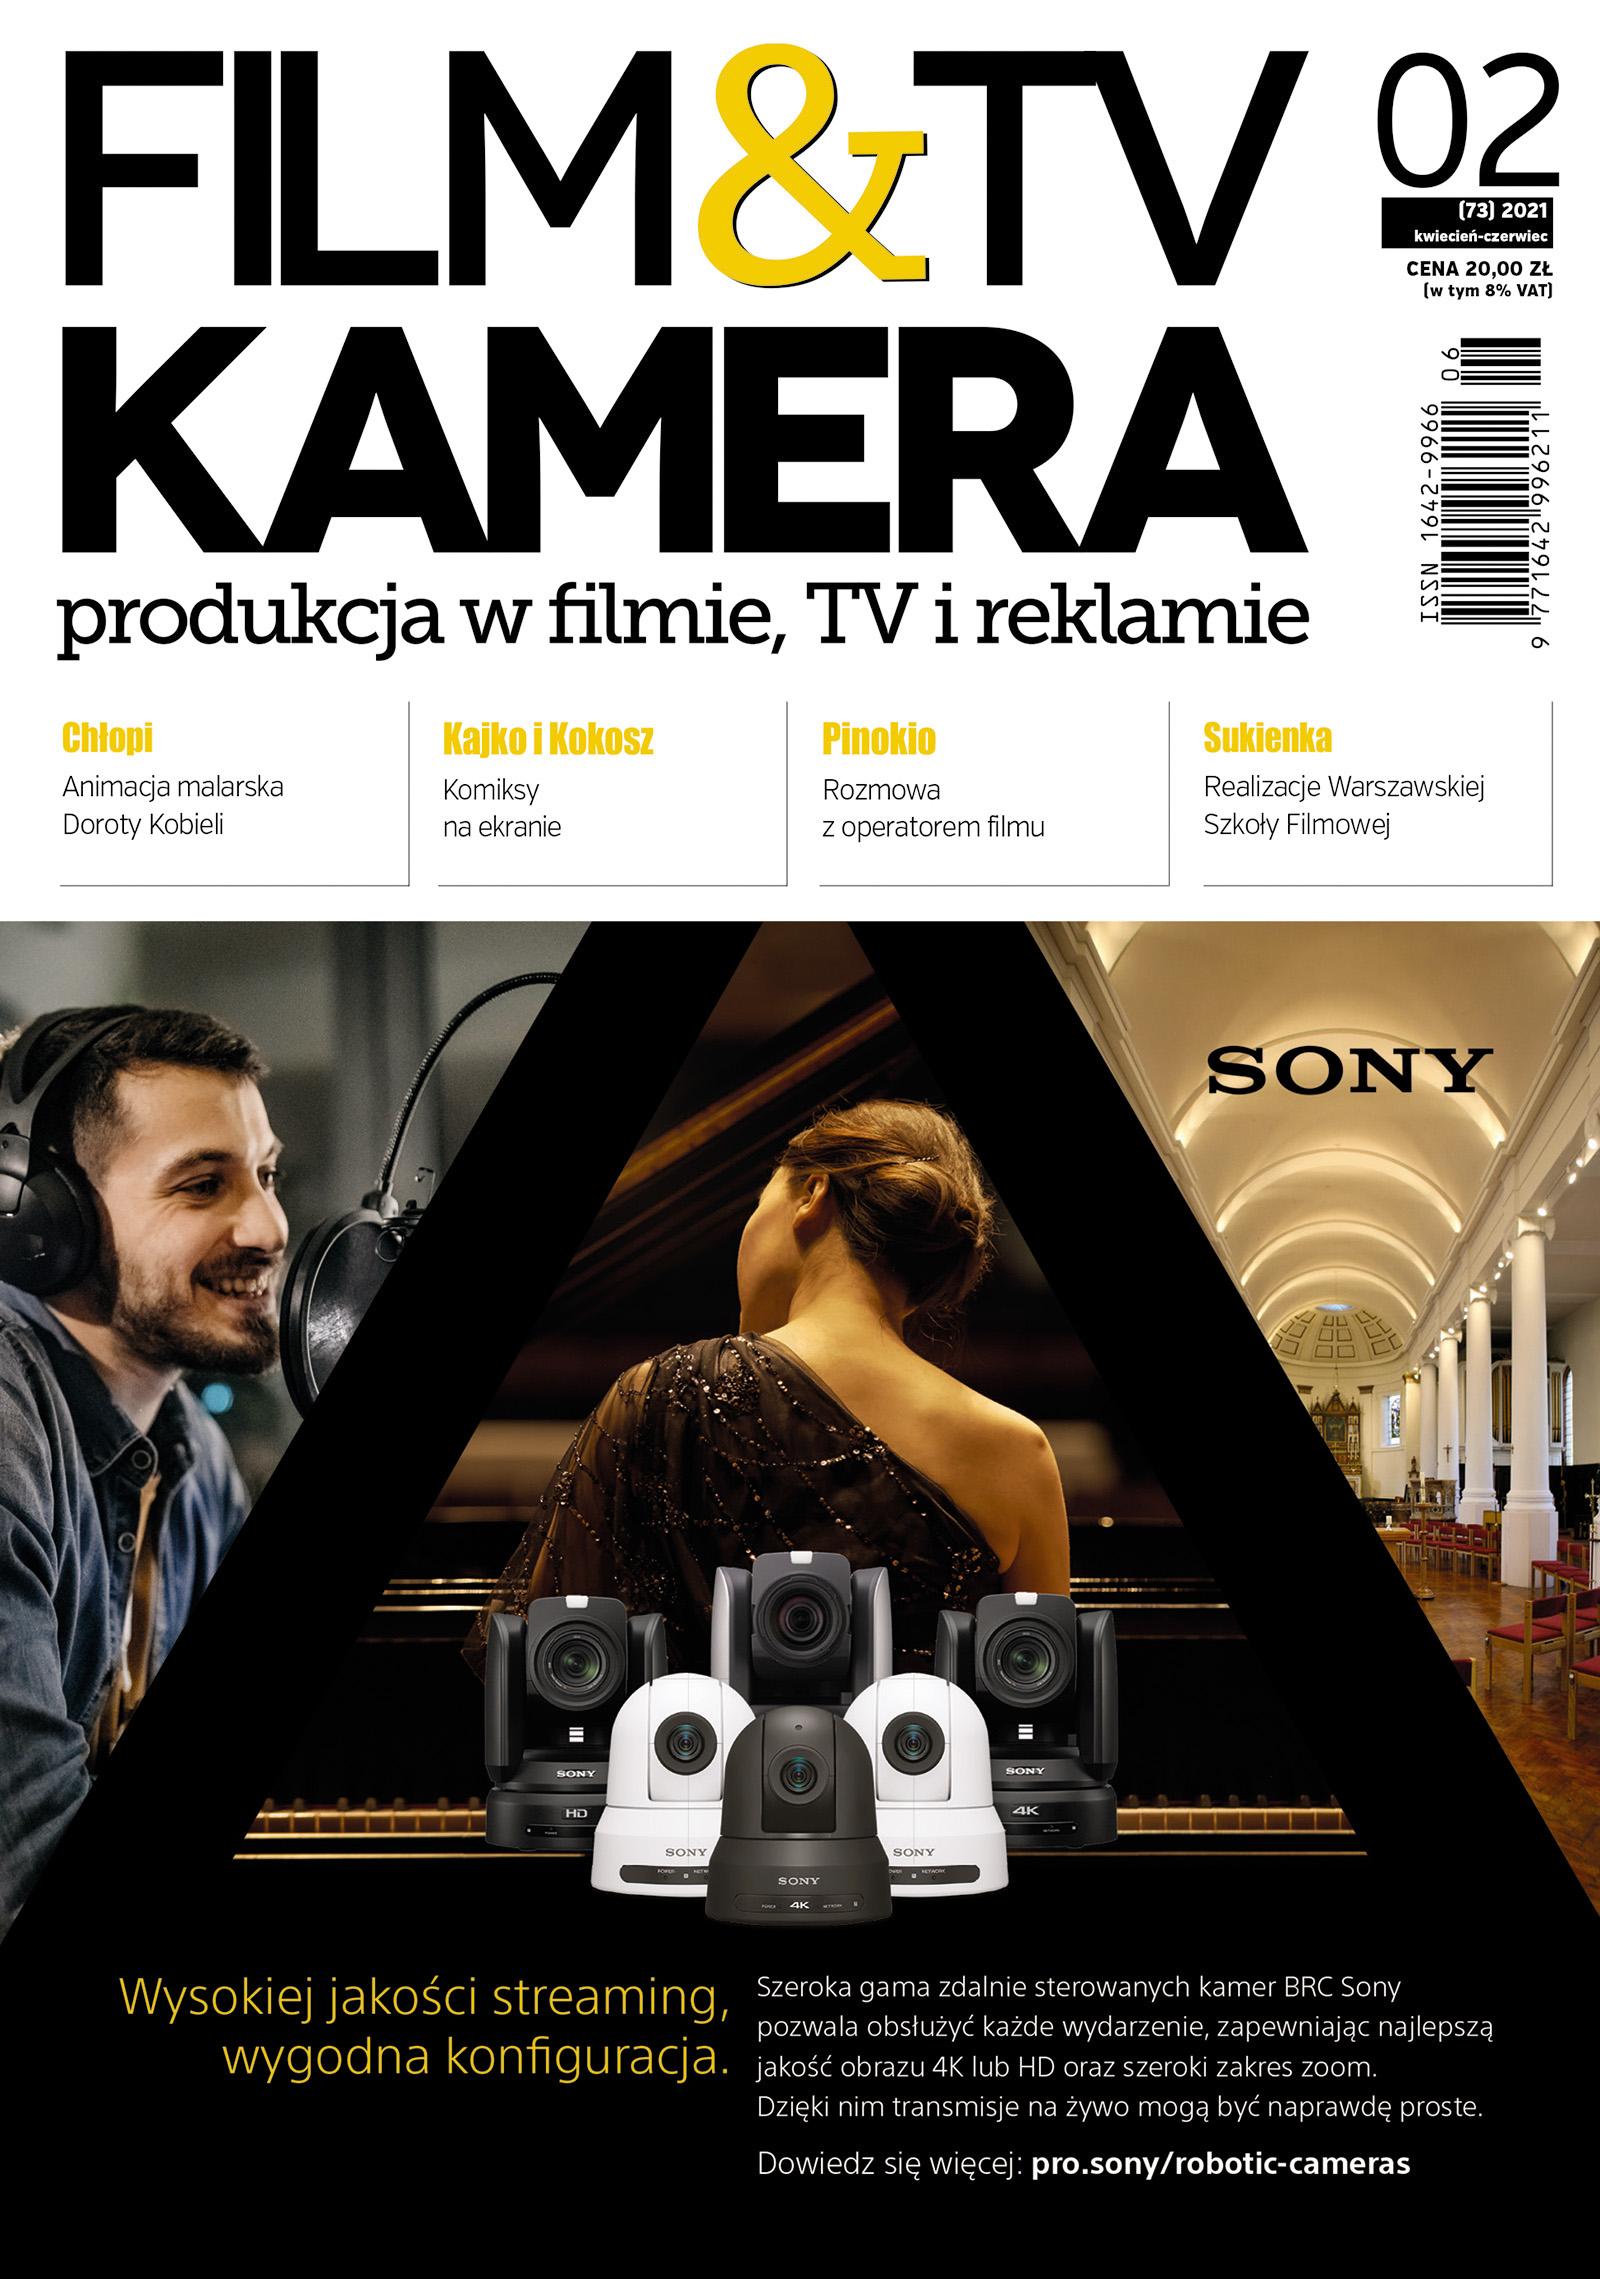 Nowe wydanie - Film&TV Kamera 02/2021